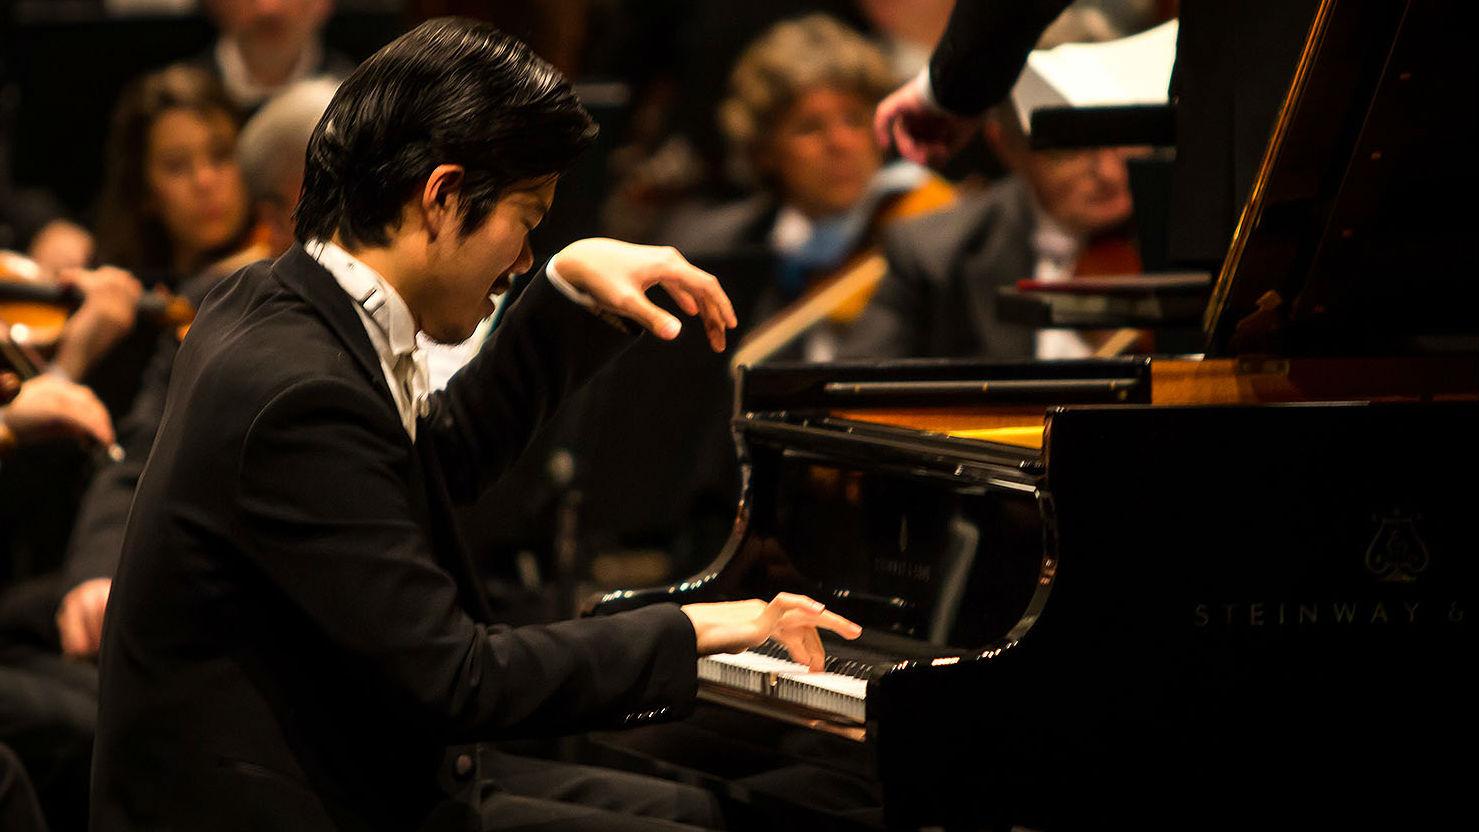 El pianista es el primer coreano que gana este premio